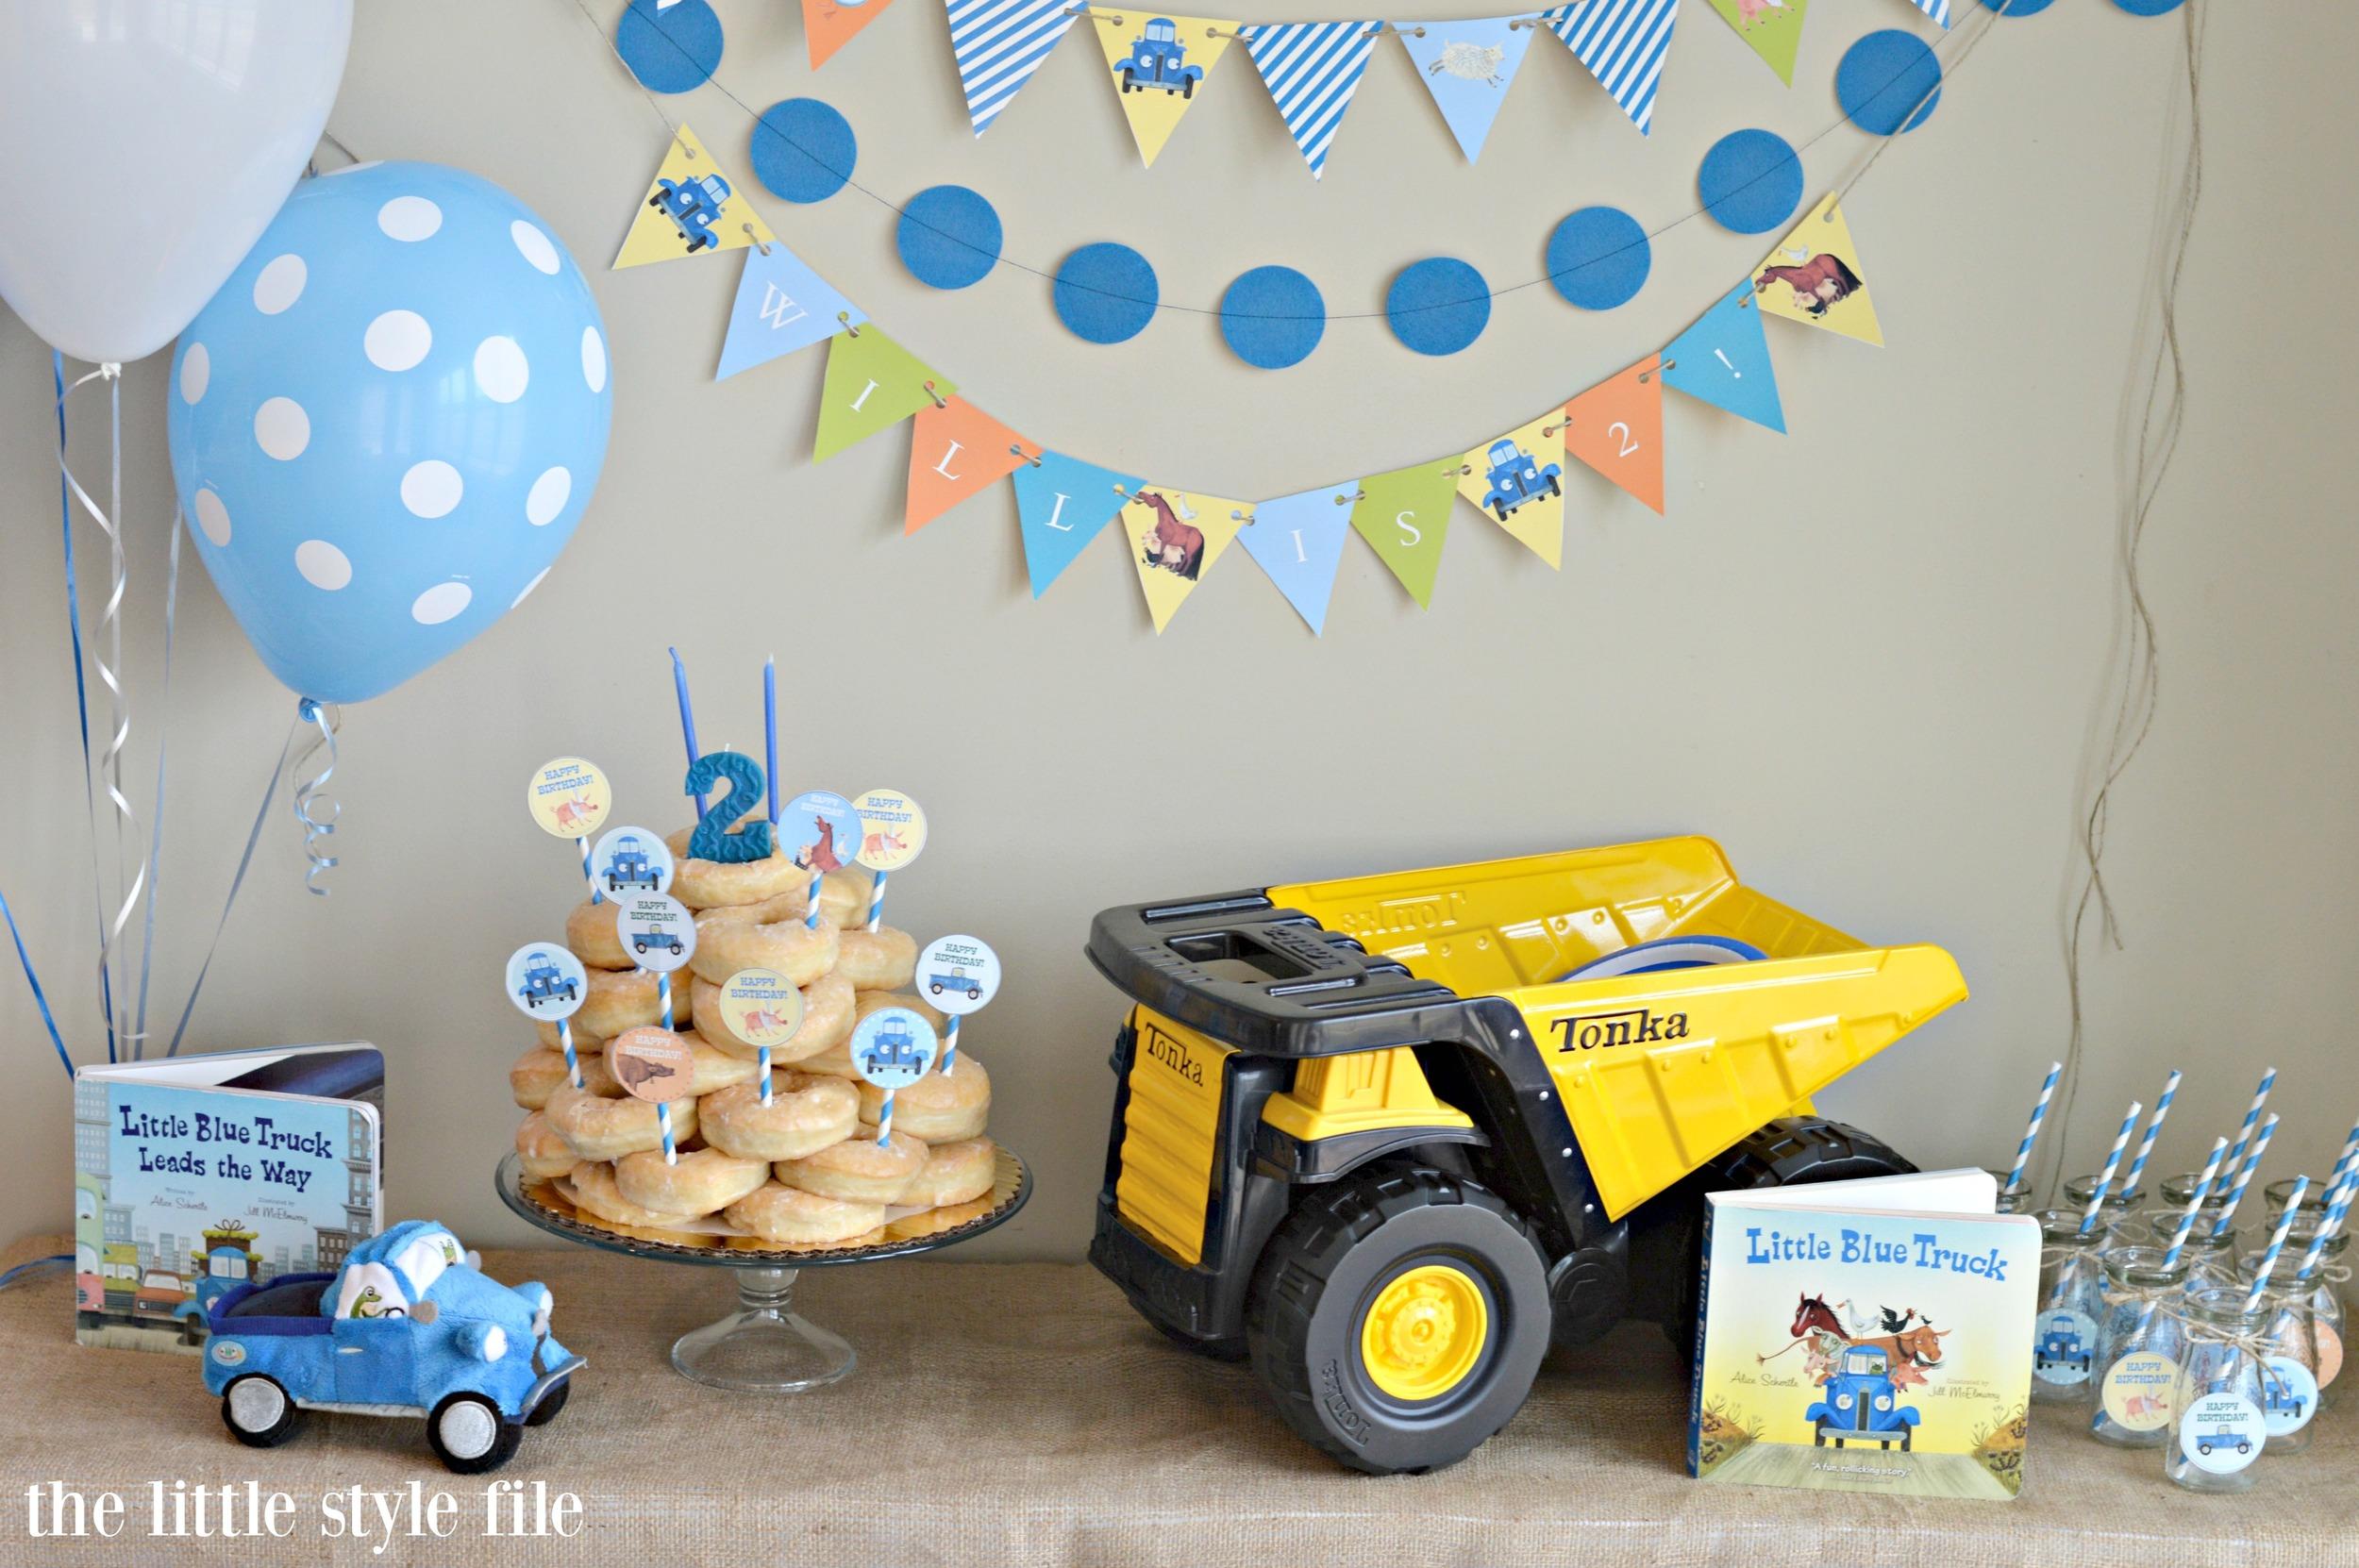 little blue truck cake table.jpg